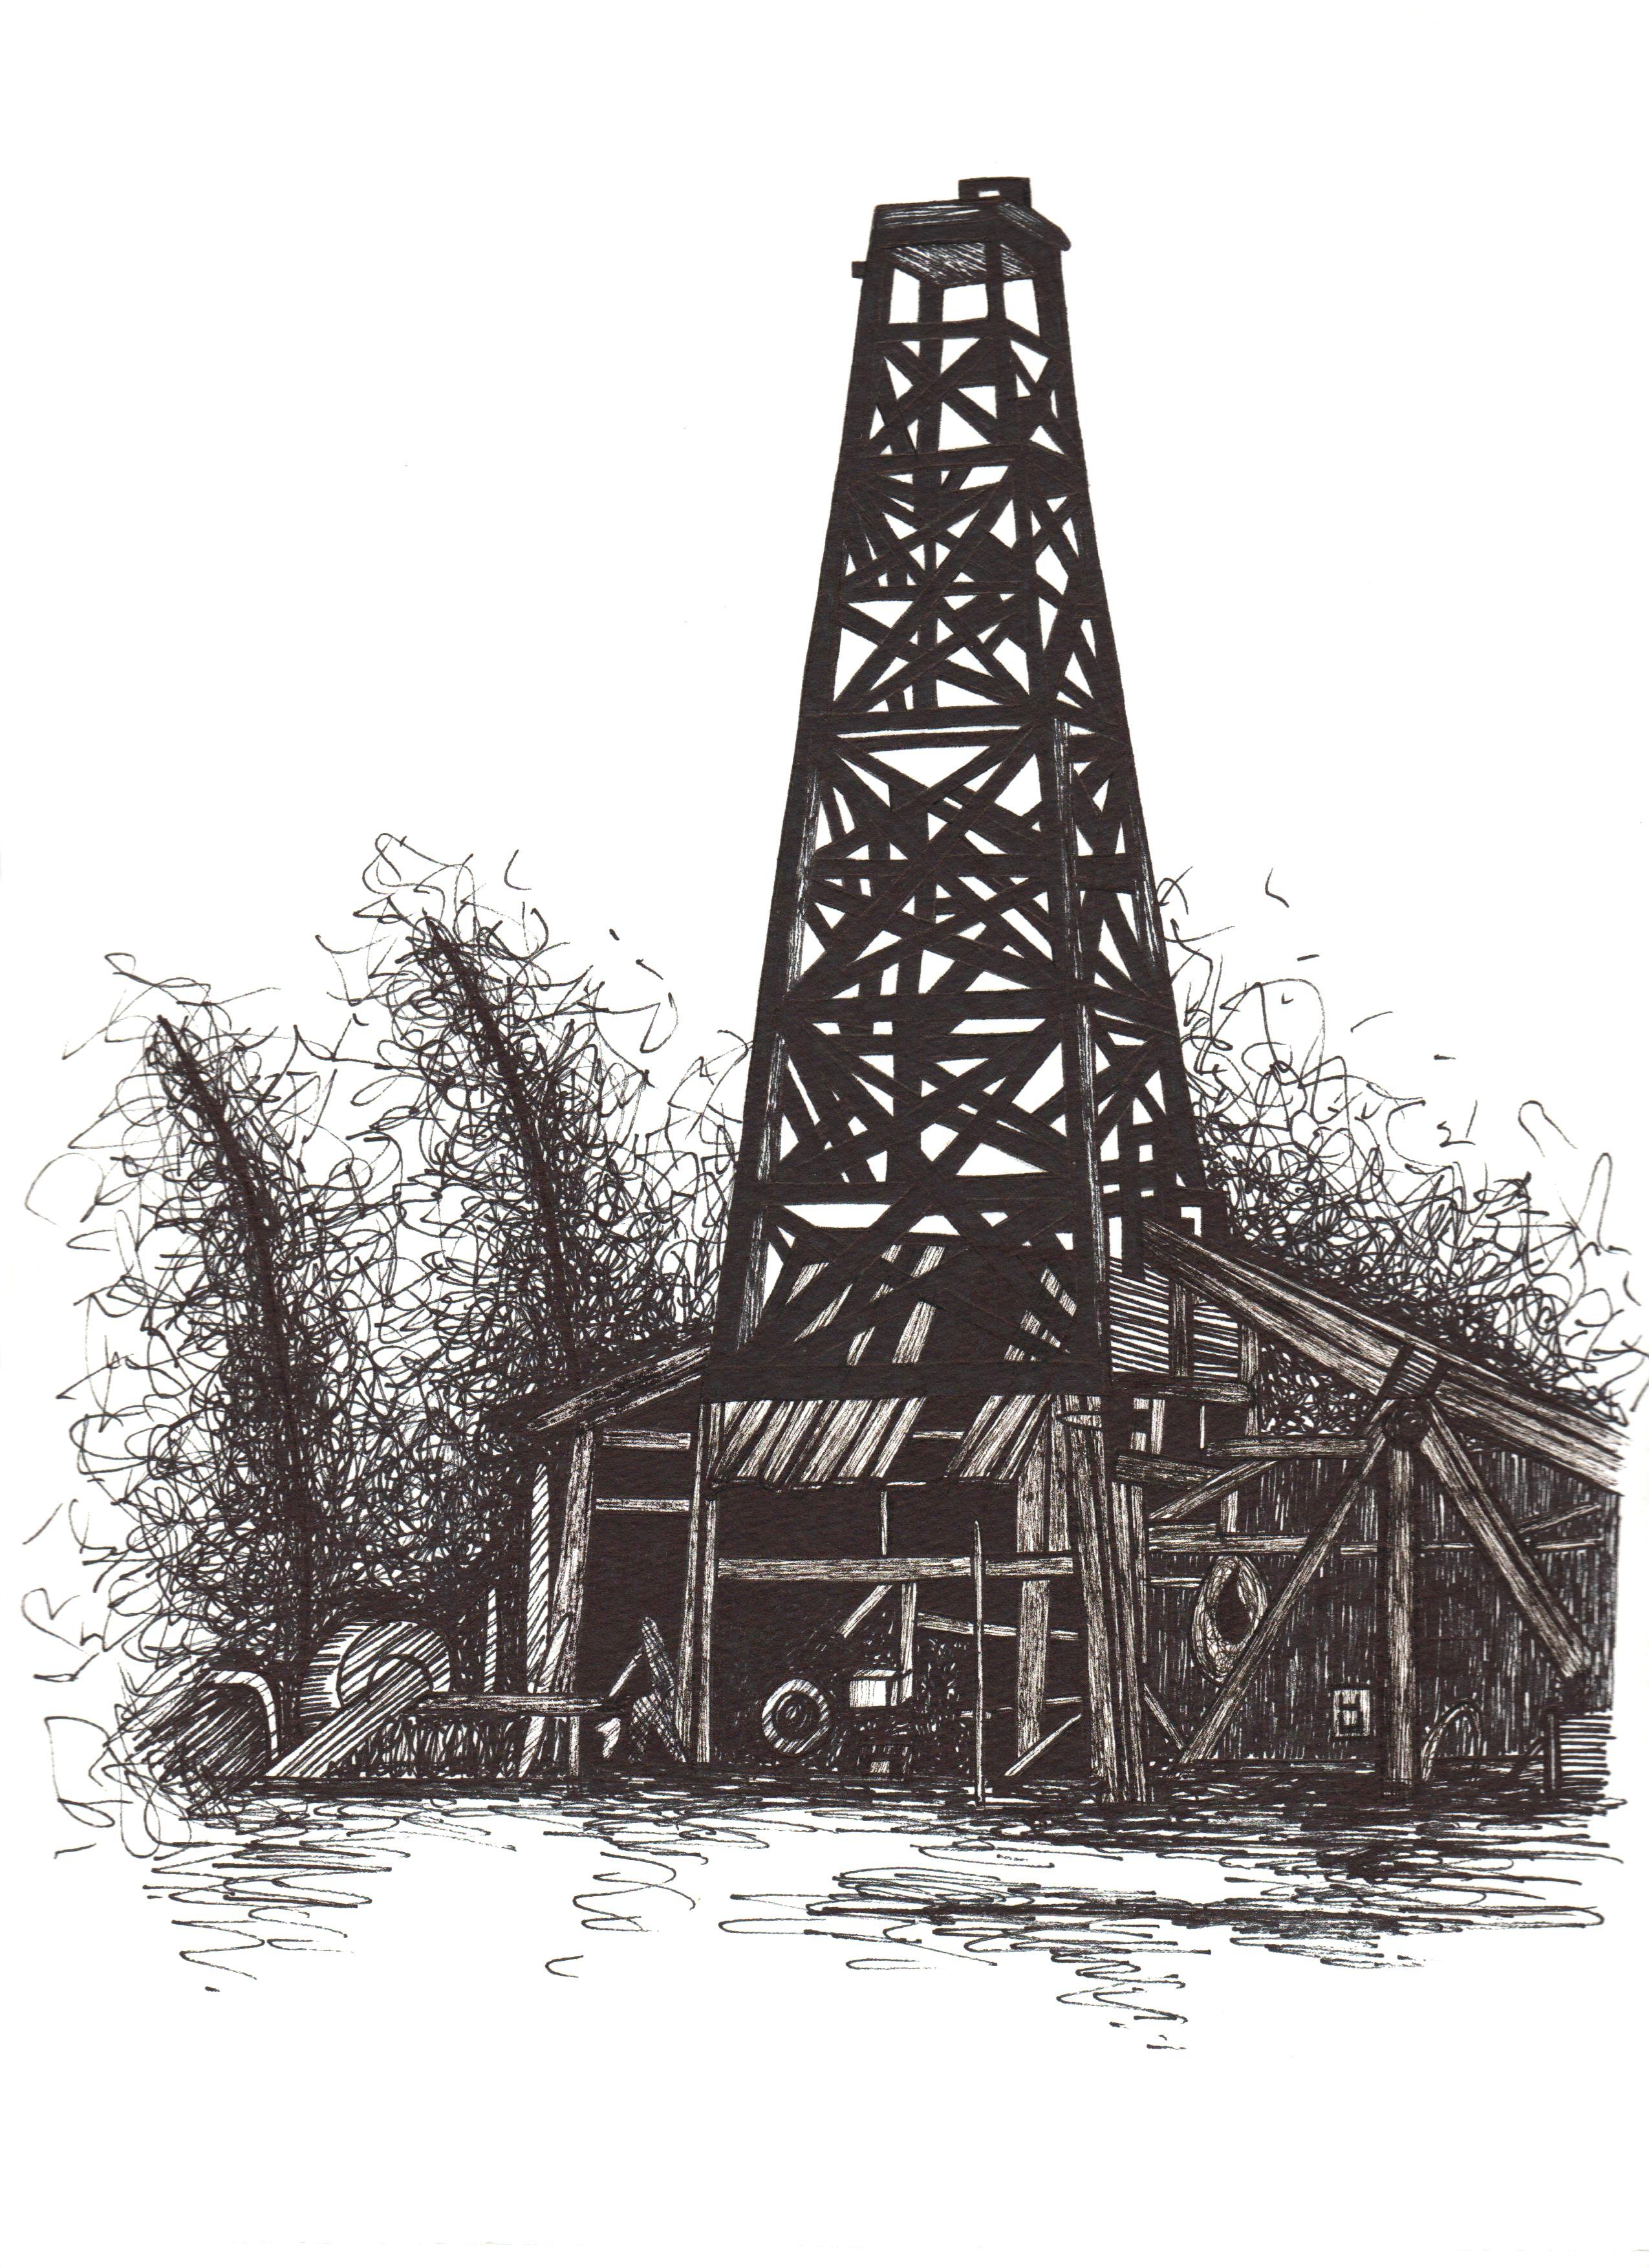 рисунки фотографии нефтяных вышек прошлых годов оформления слабосоленый